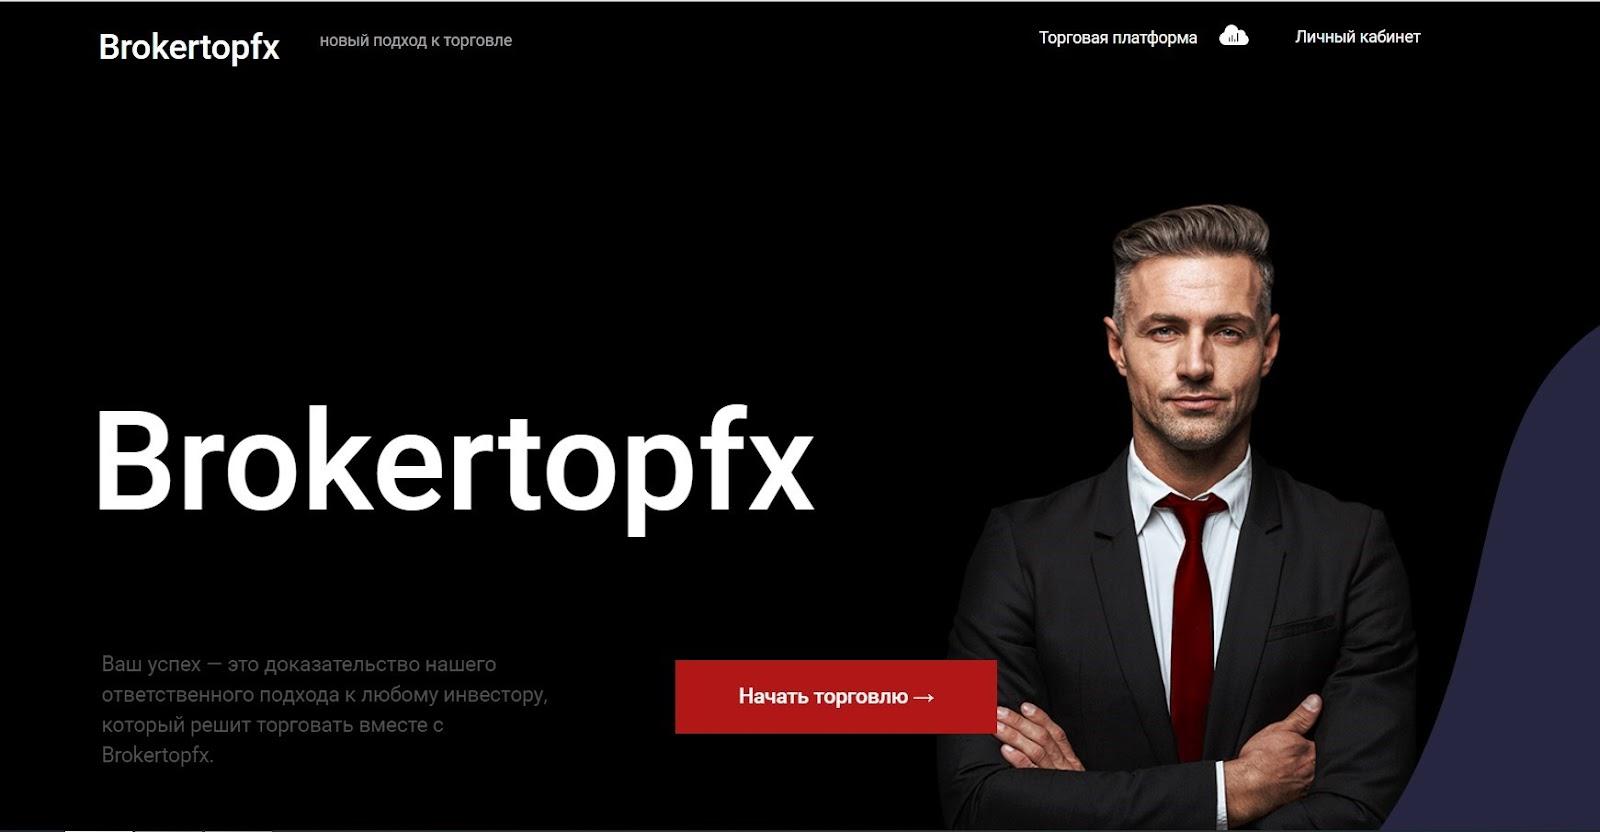 Brokertopfx: отзывы и обзор публичной информации